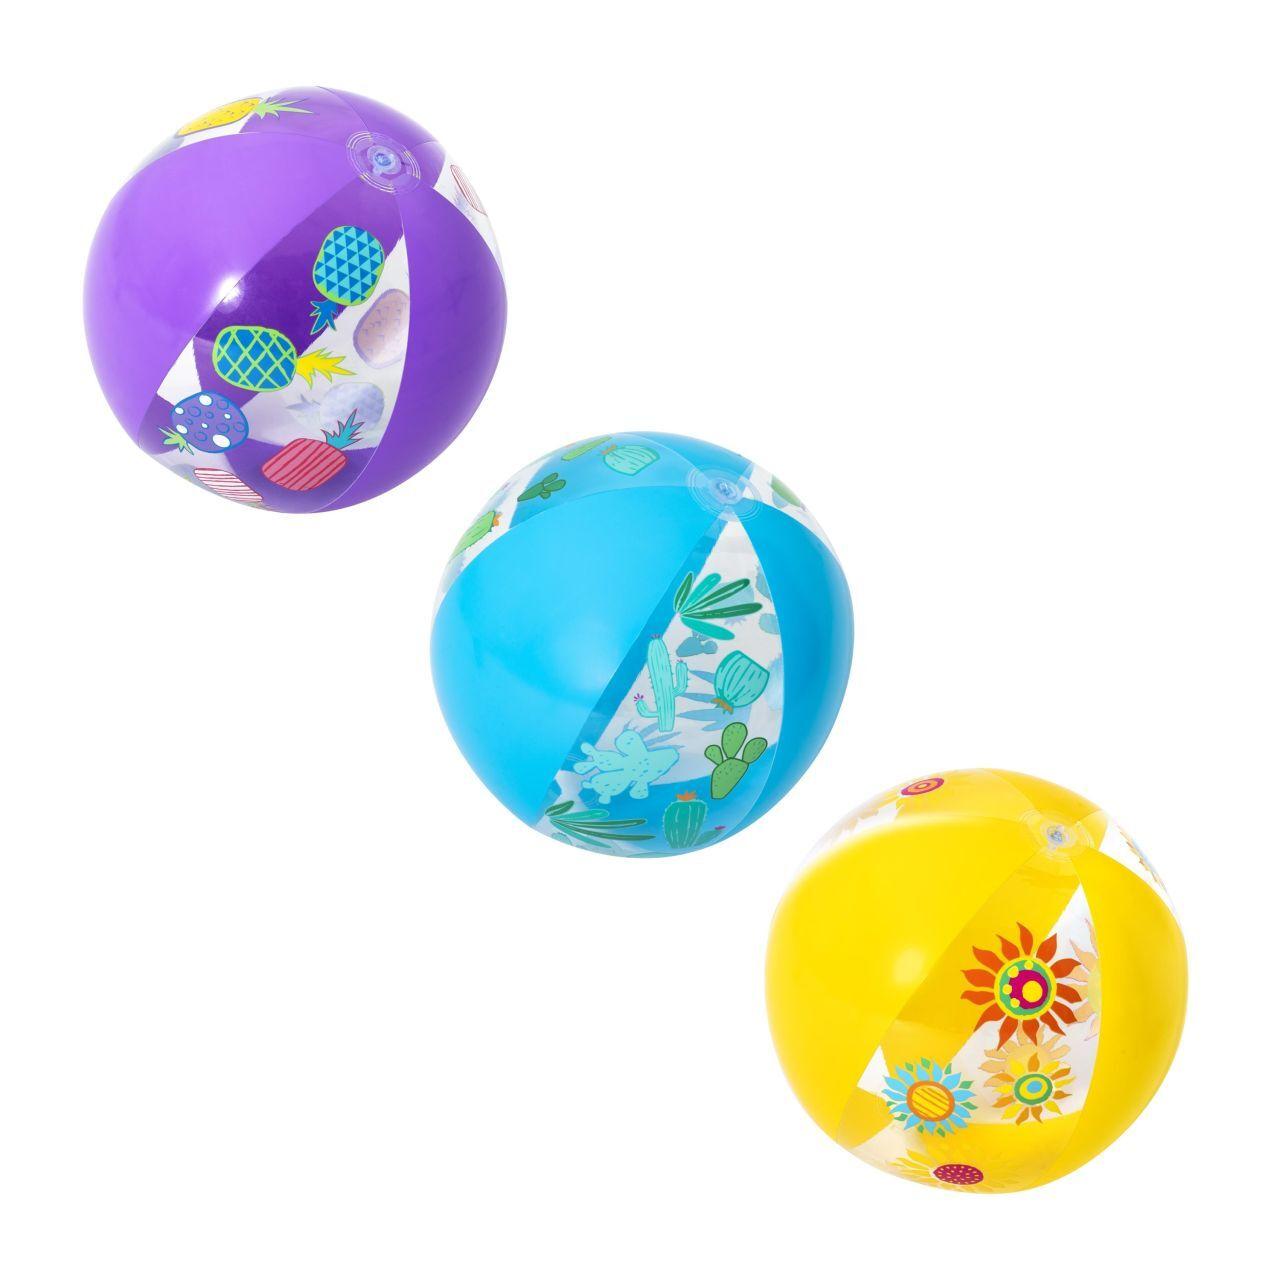 Höfer Chemie Pool Beachball - différentes couleurs (or)